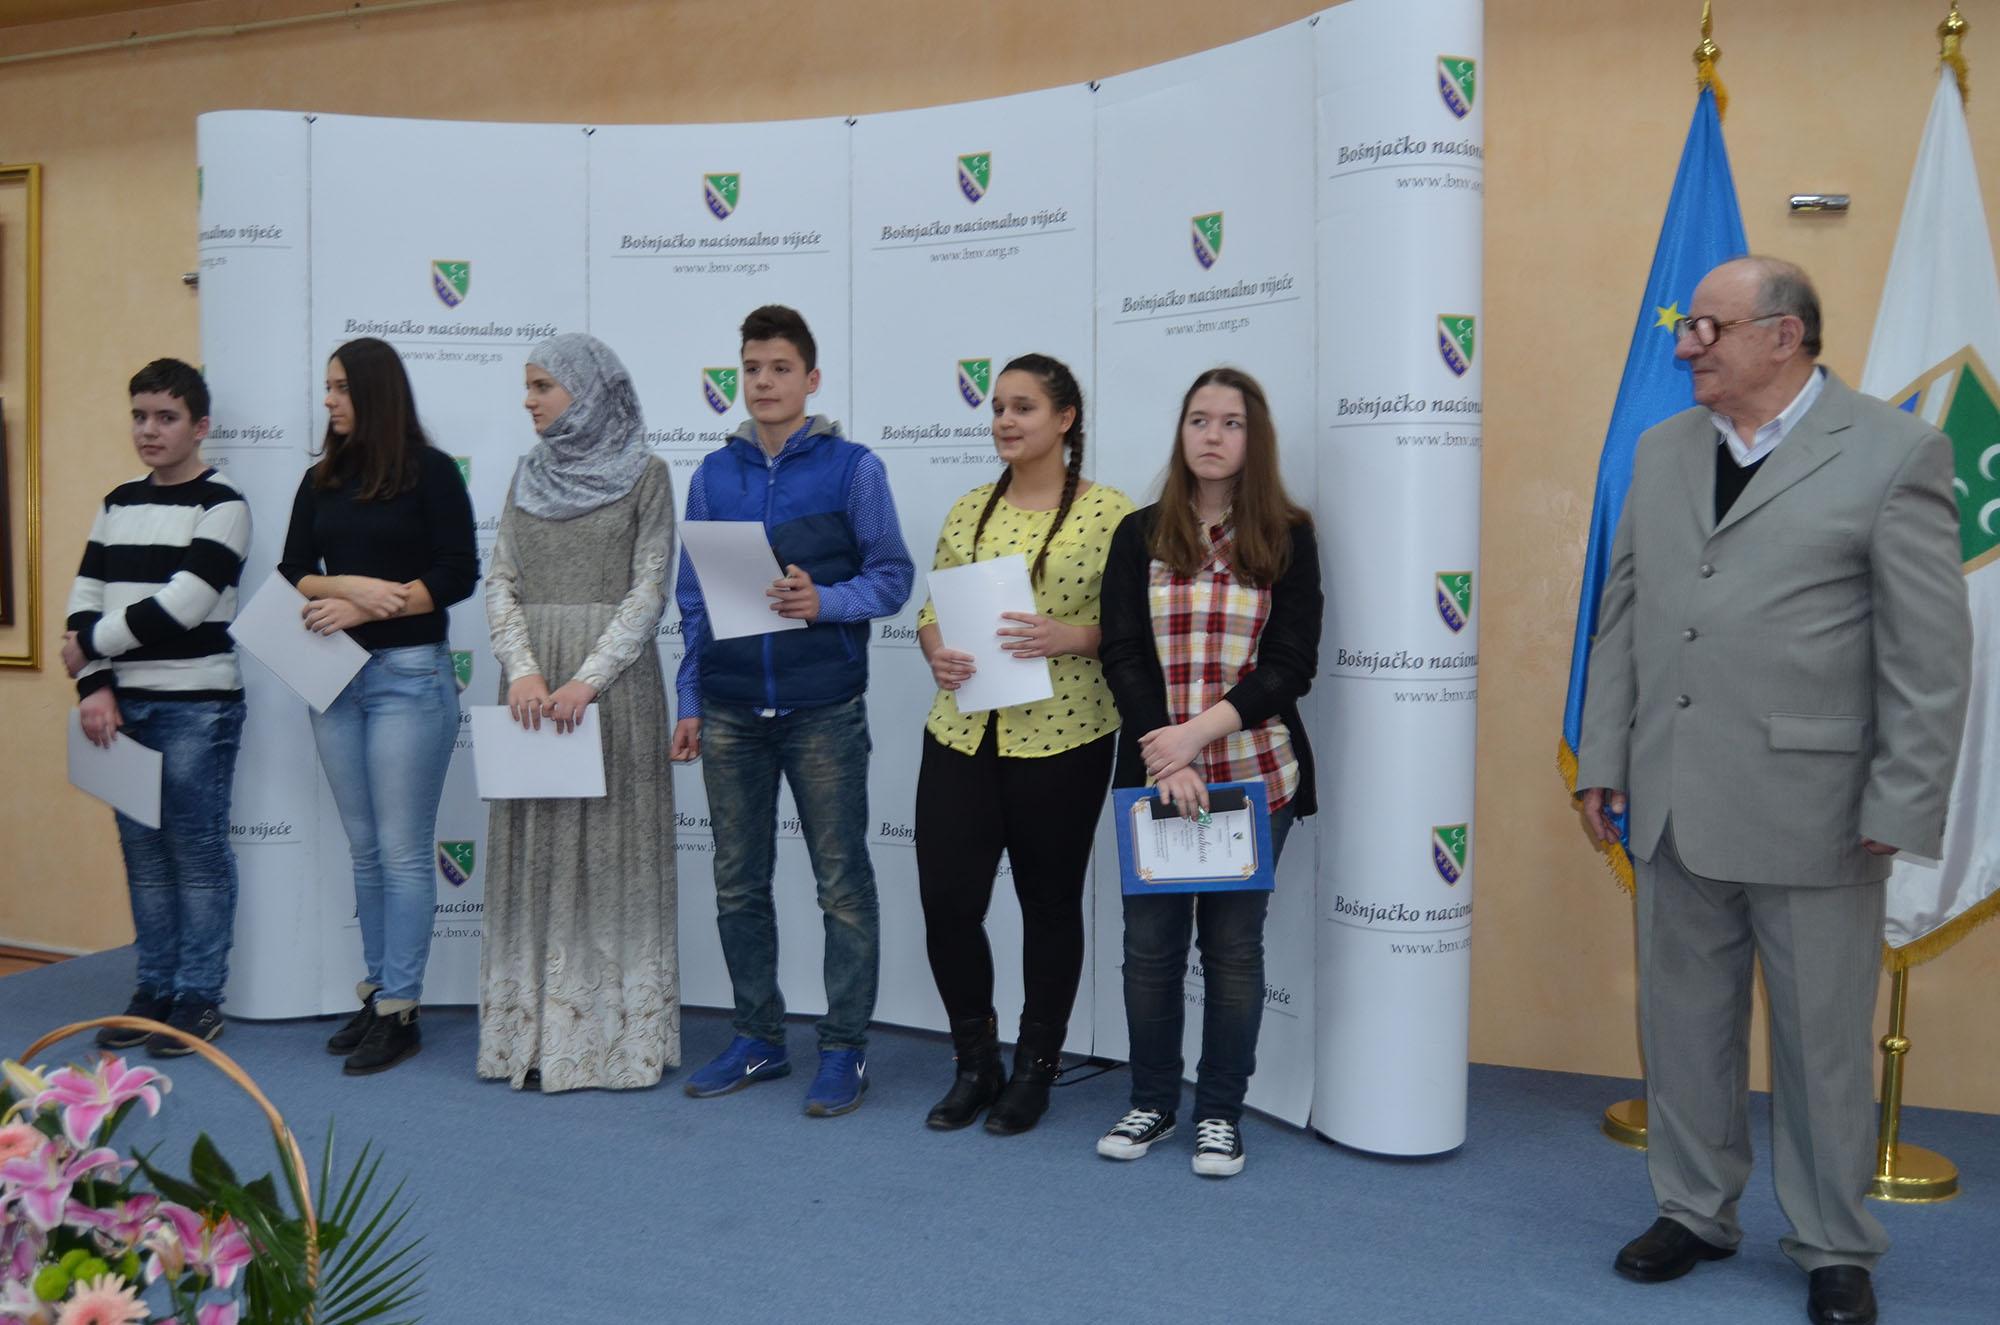 Dobitnici zahvalnica u drugoj kategoriji. Zahvalnice je uručio član žirija za literarni konkurs, Hajro Ikić.